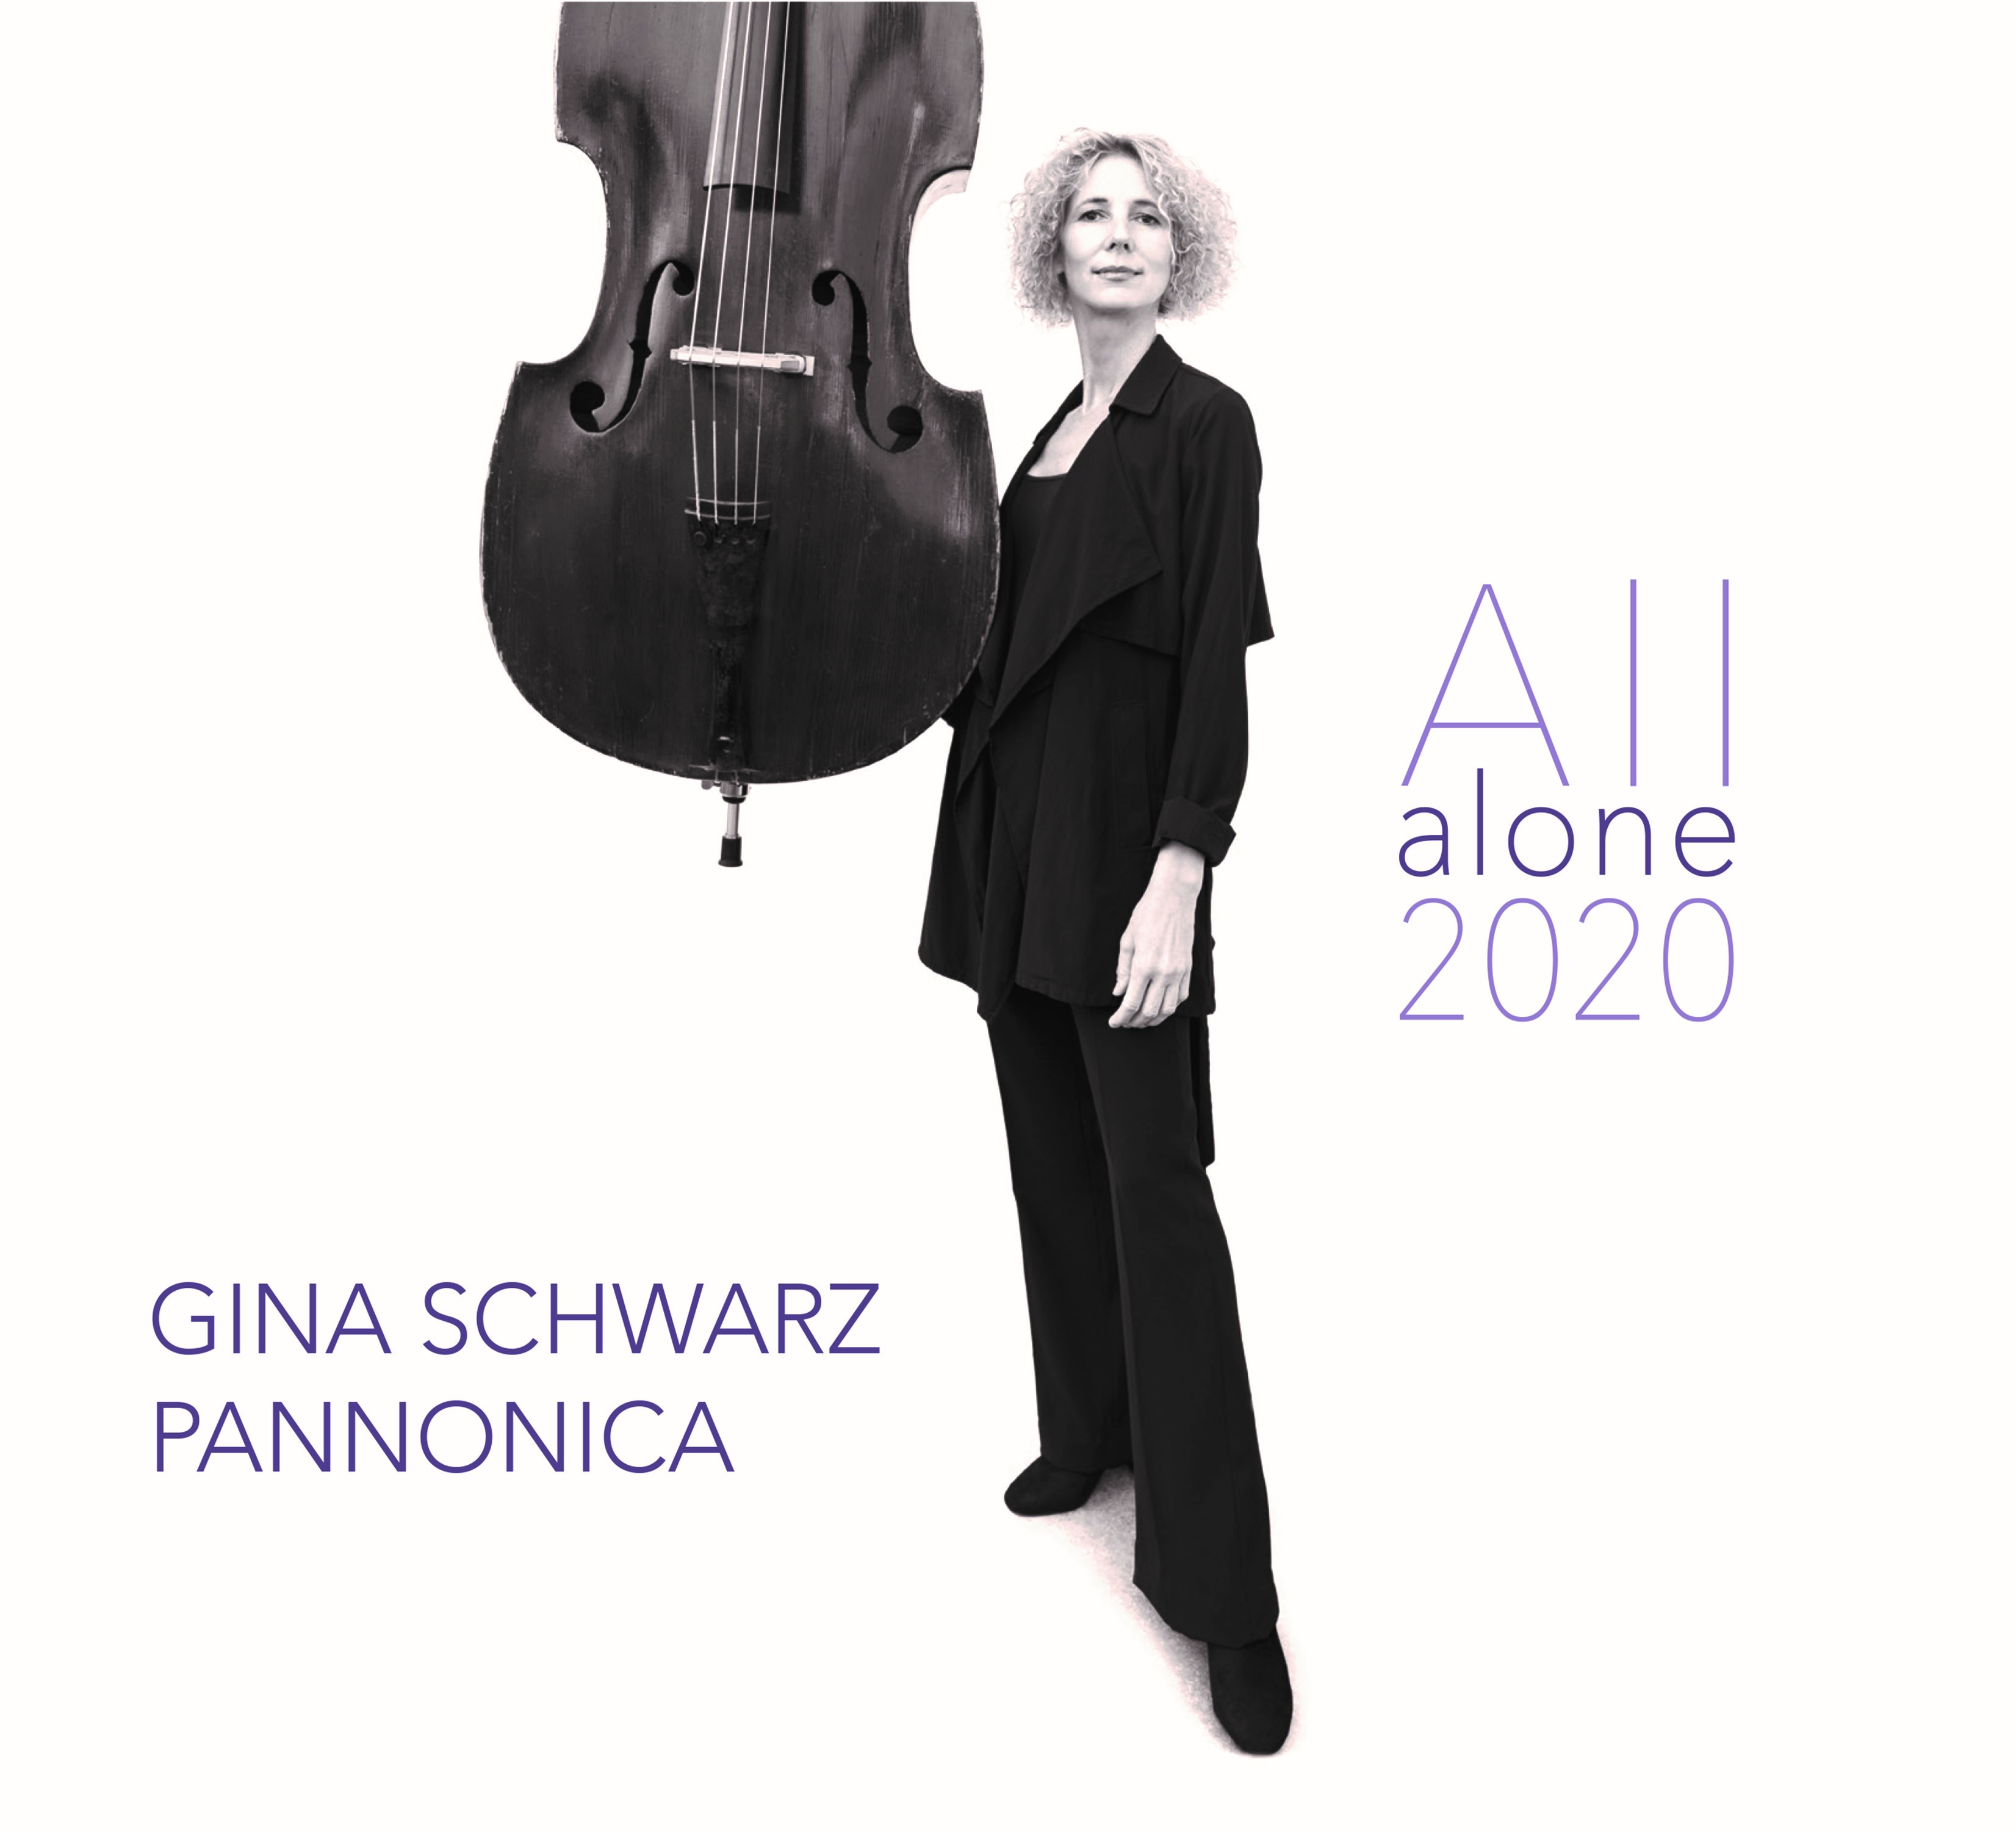 Gina Schwarz Pannonica